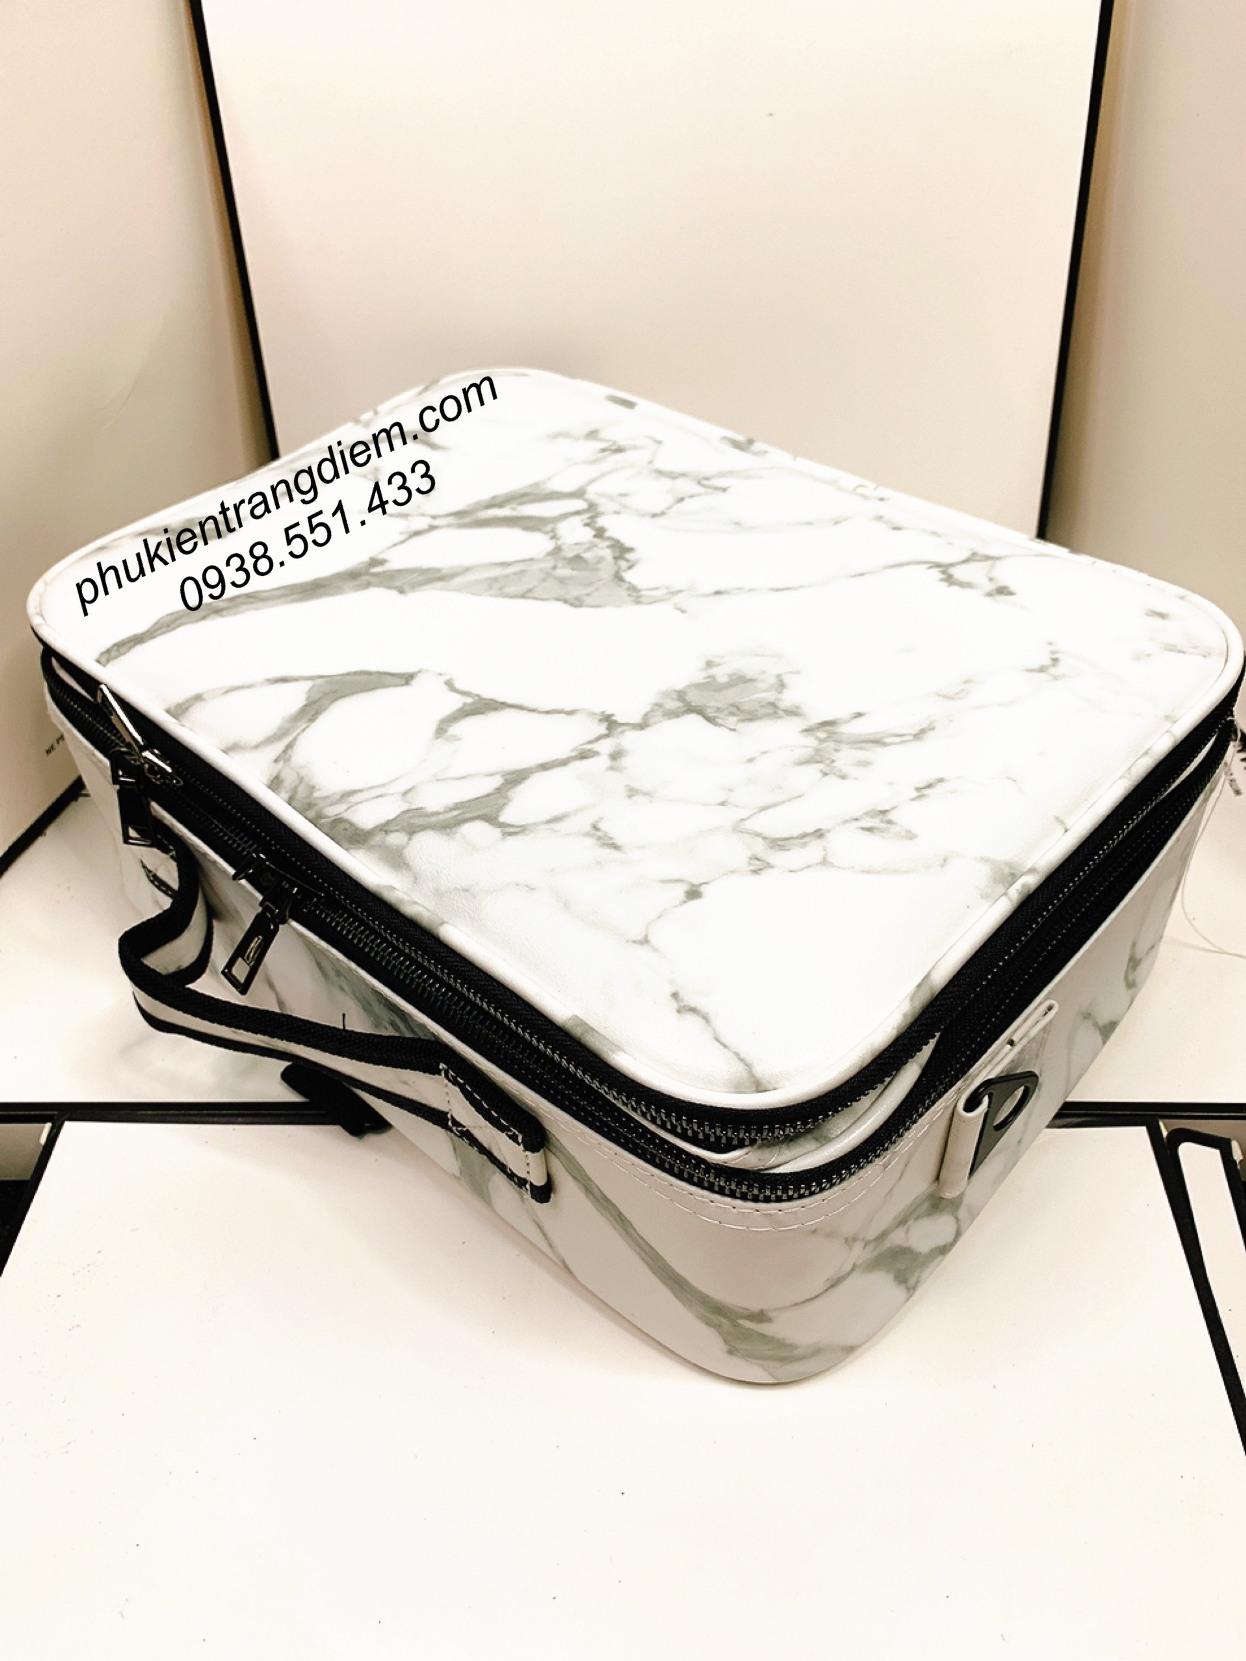 cốp túi vali xách tay trang điểm có dây đeo